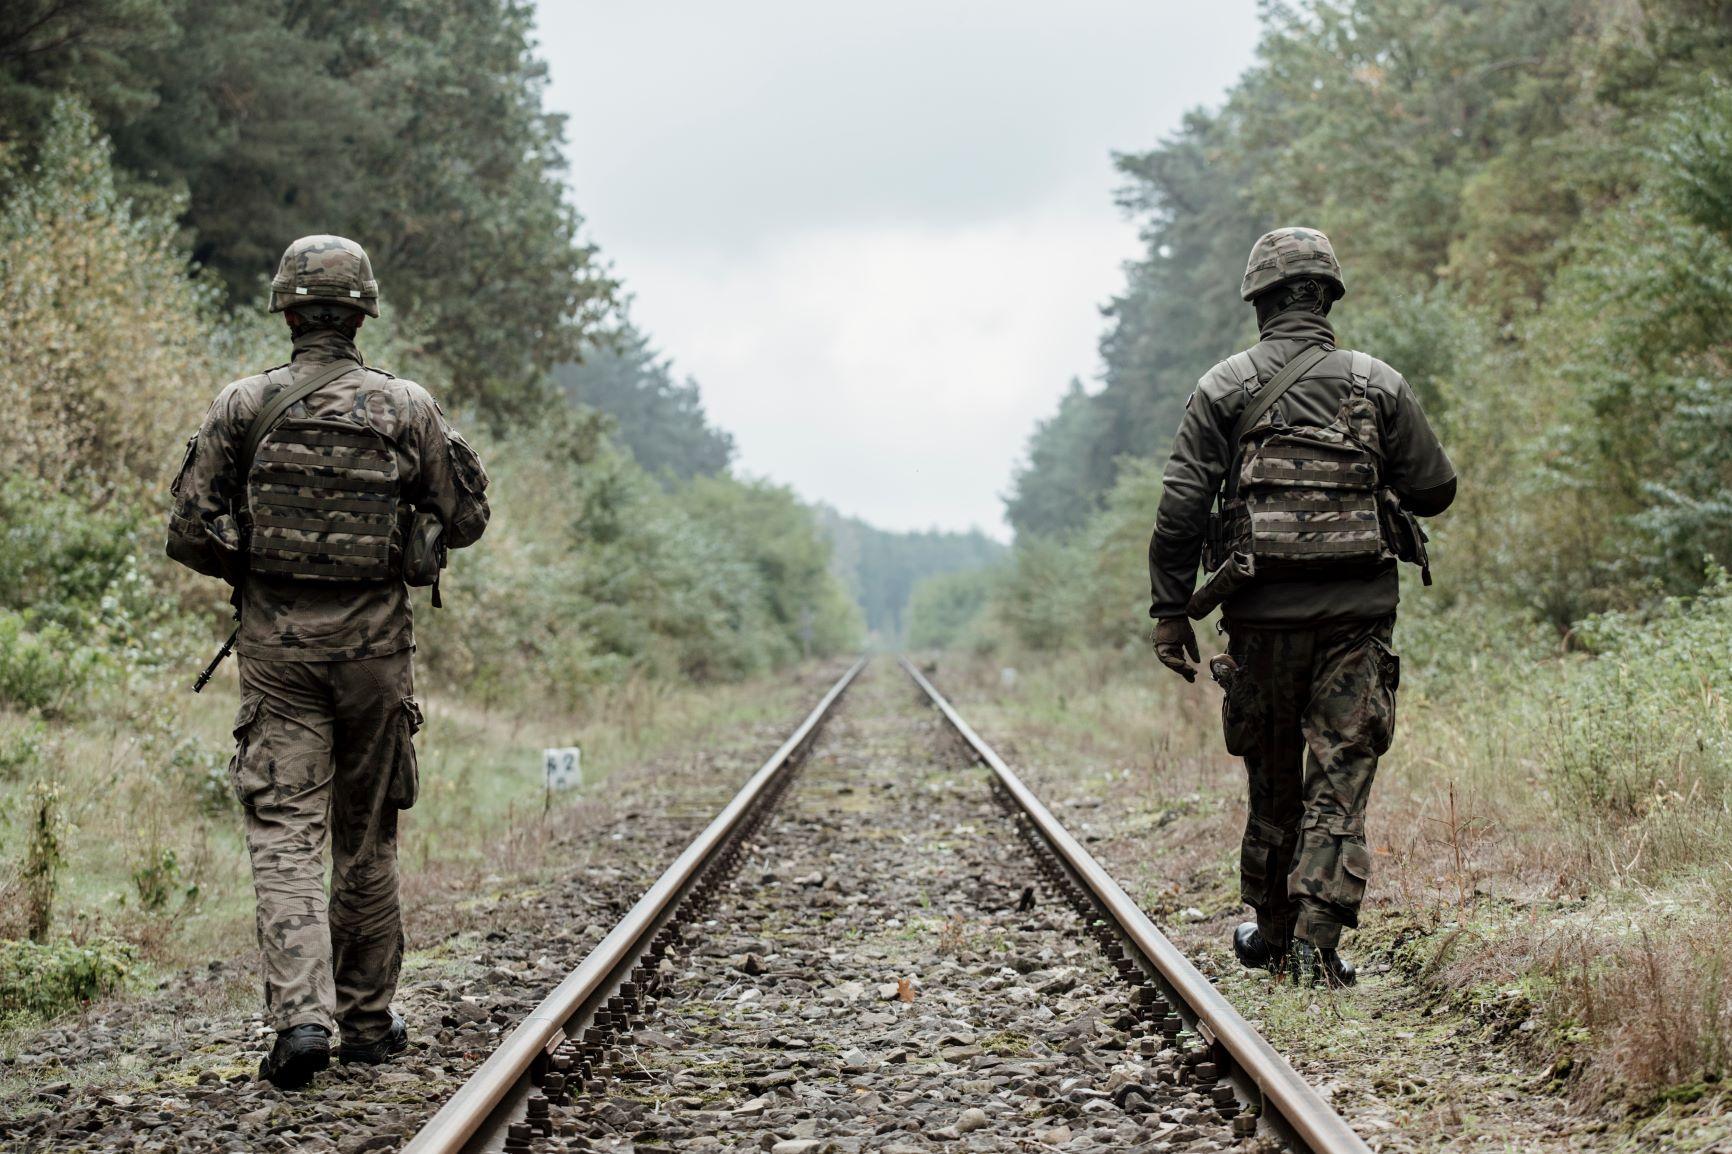 Województwo lubelskie: Terytorialsi nadal obecni w miejscowościach ze stanem wyjątkowym. Podsumowali miesiąc - Zdjęcie główne